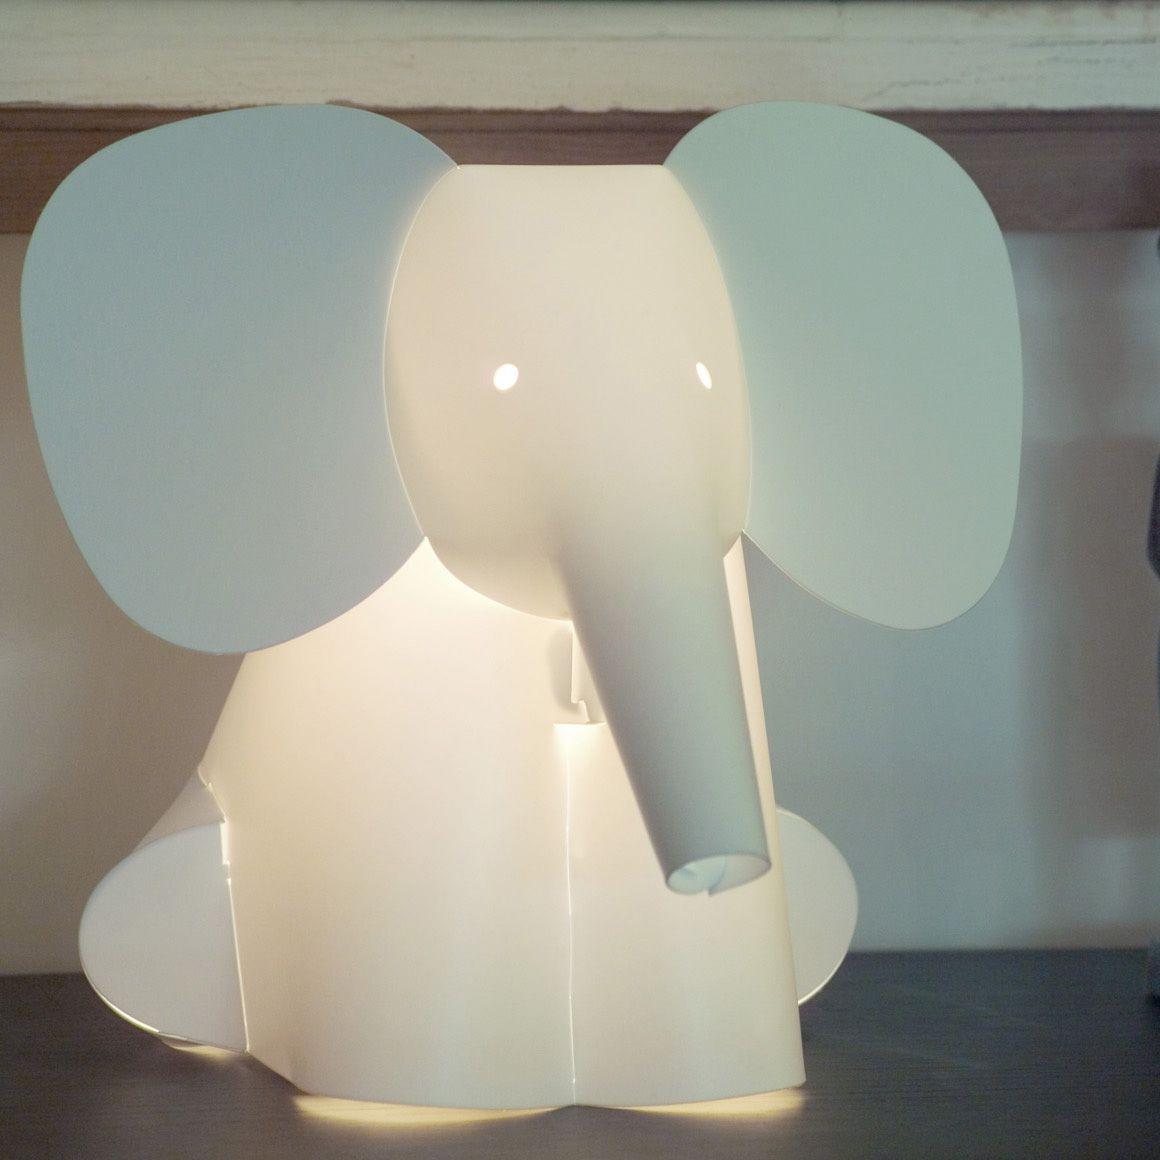 Zzzoolight Elephant Table Lamp | Devan\'s Room | Pinterest